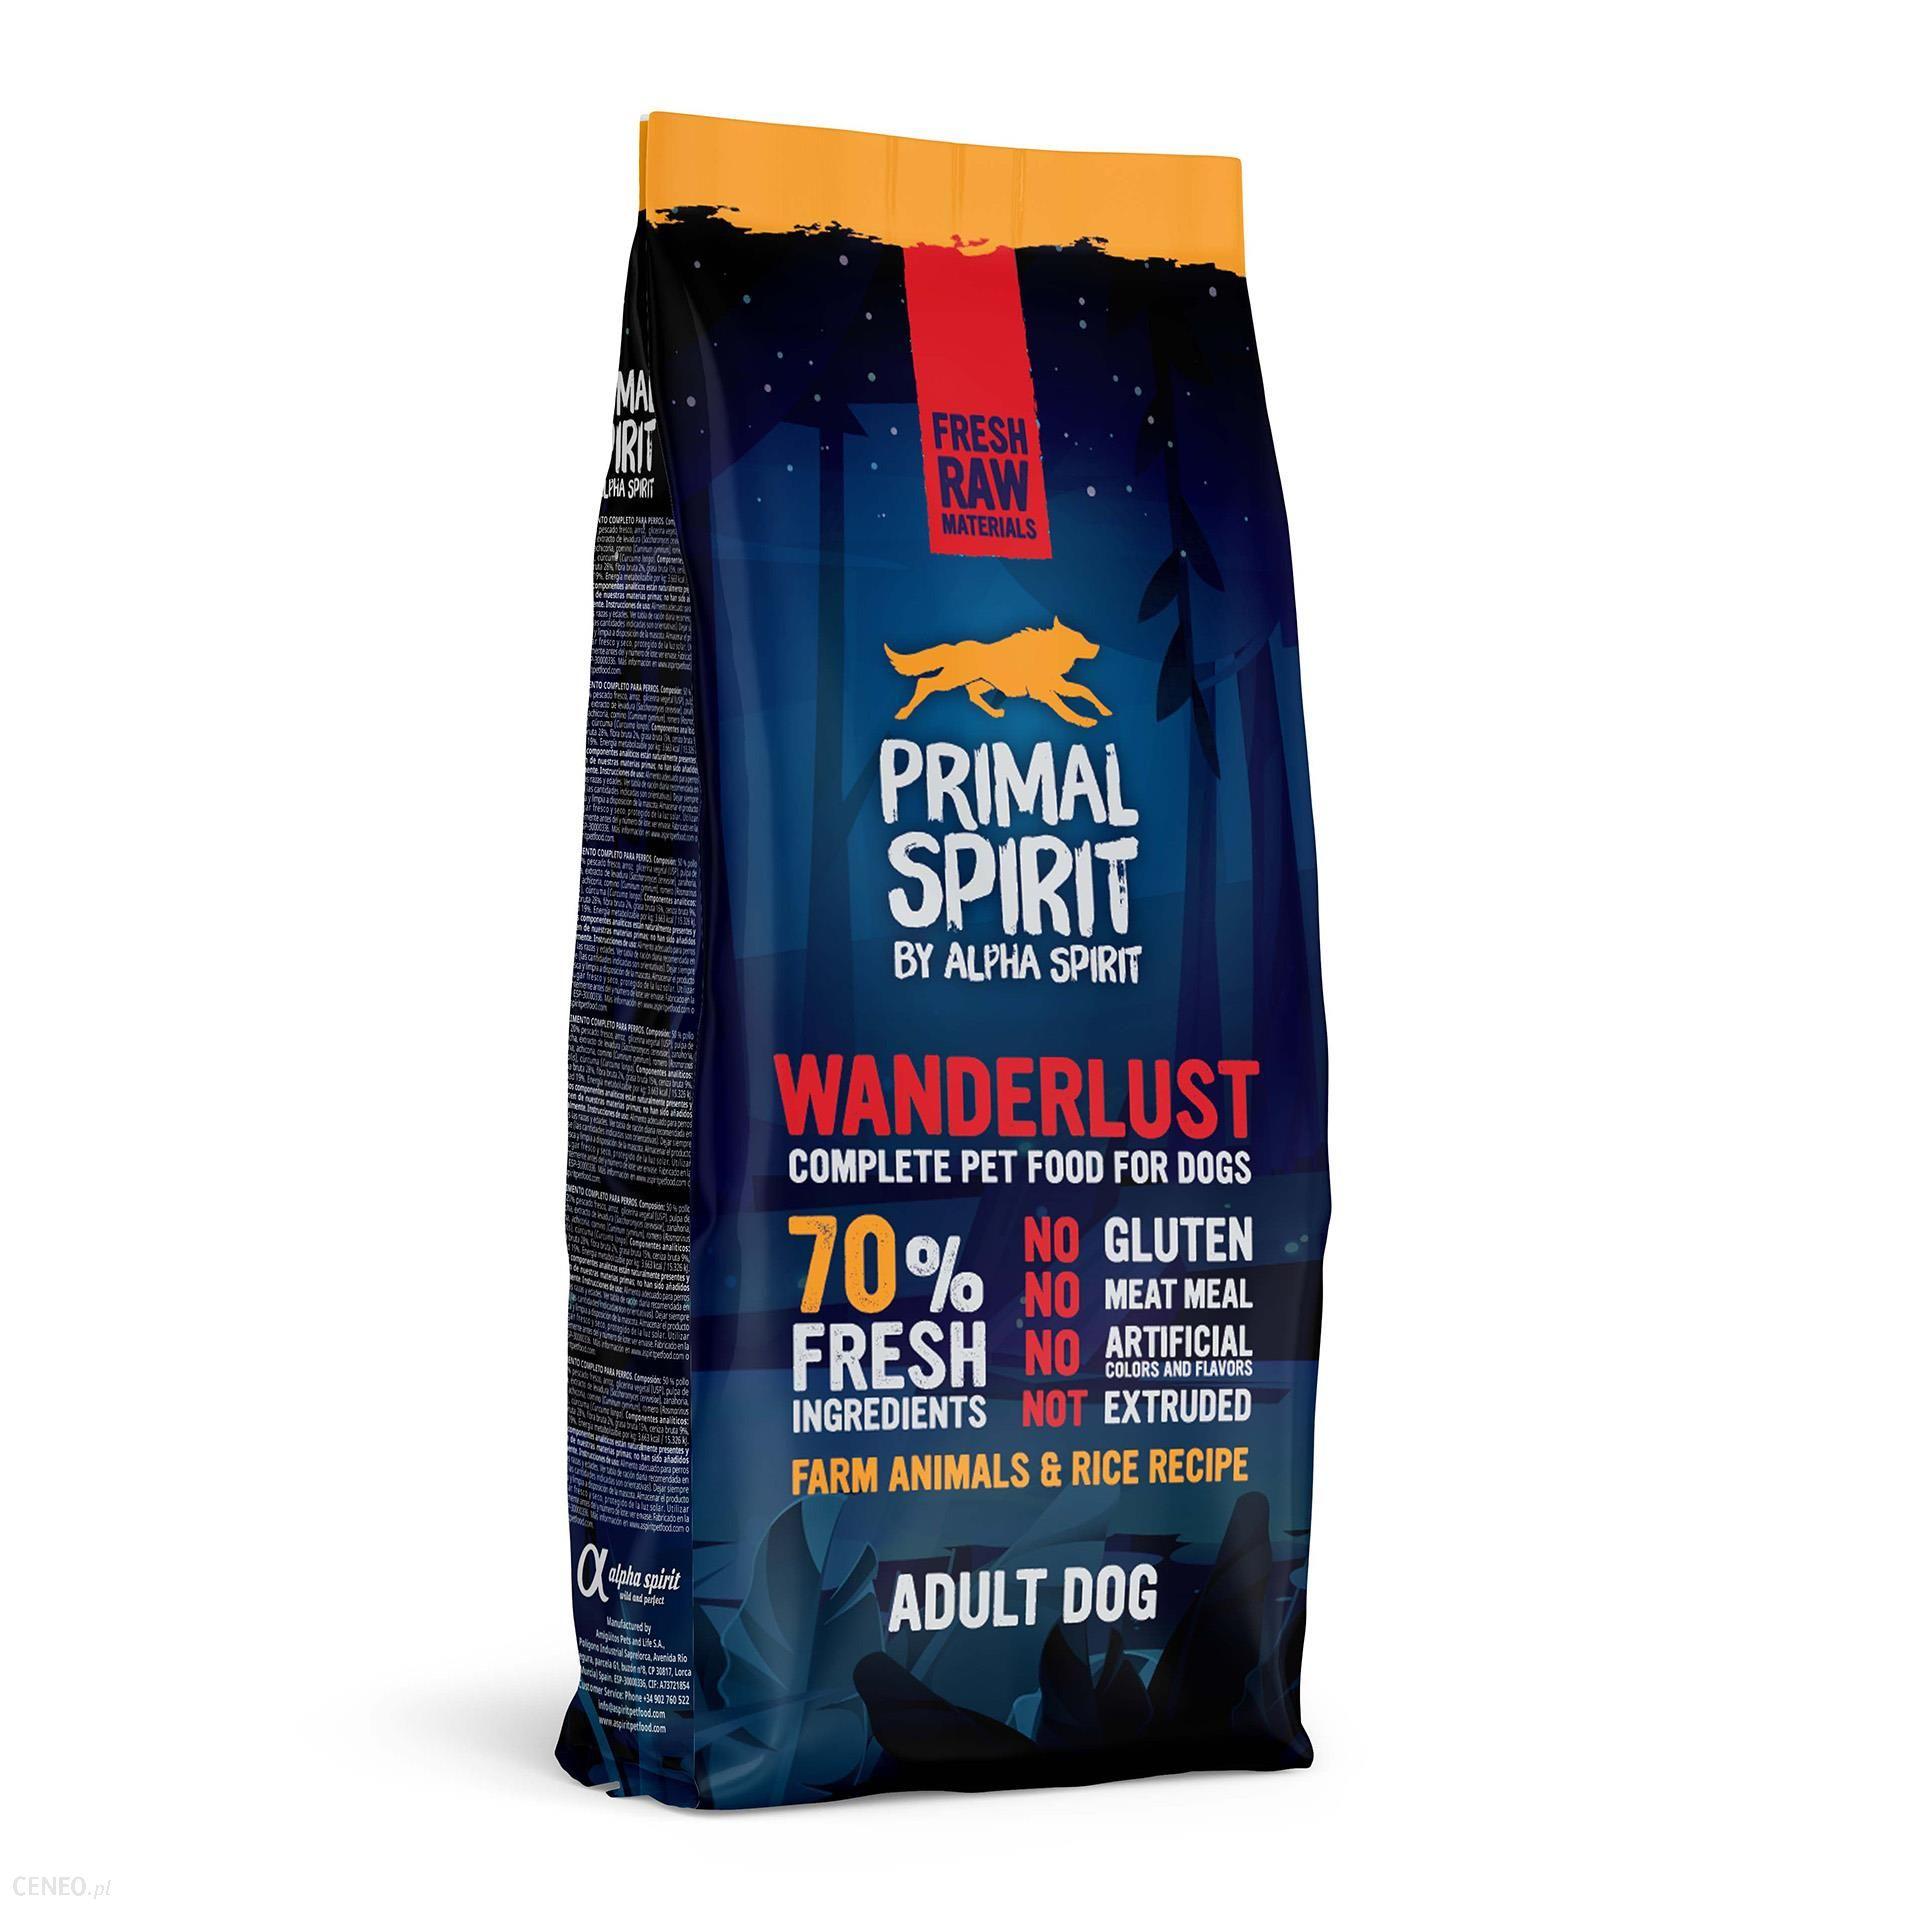 Primal Spirit 70% Wanderlust 12Kg